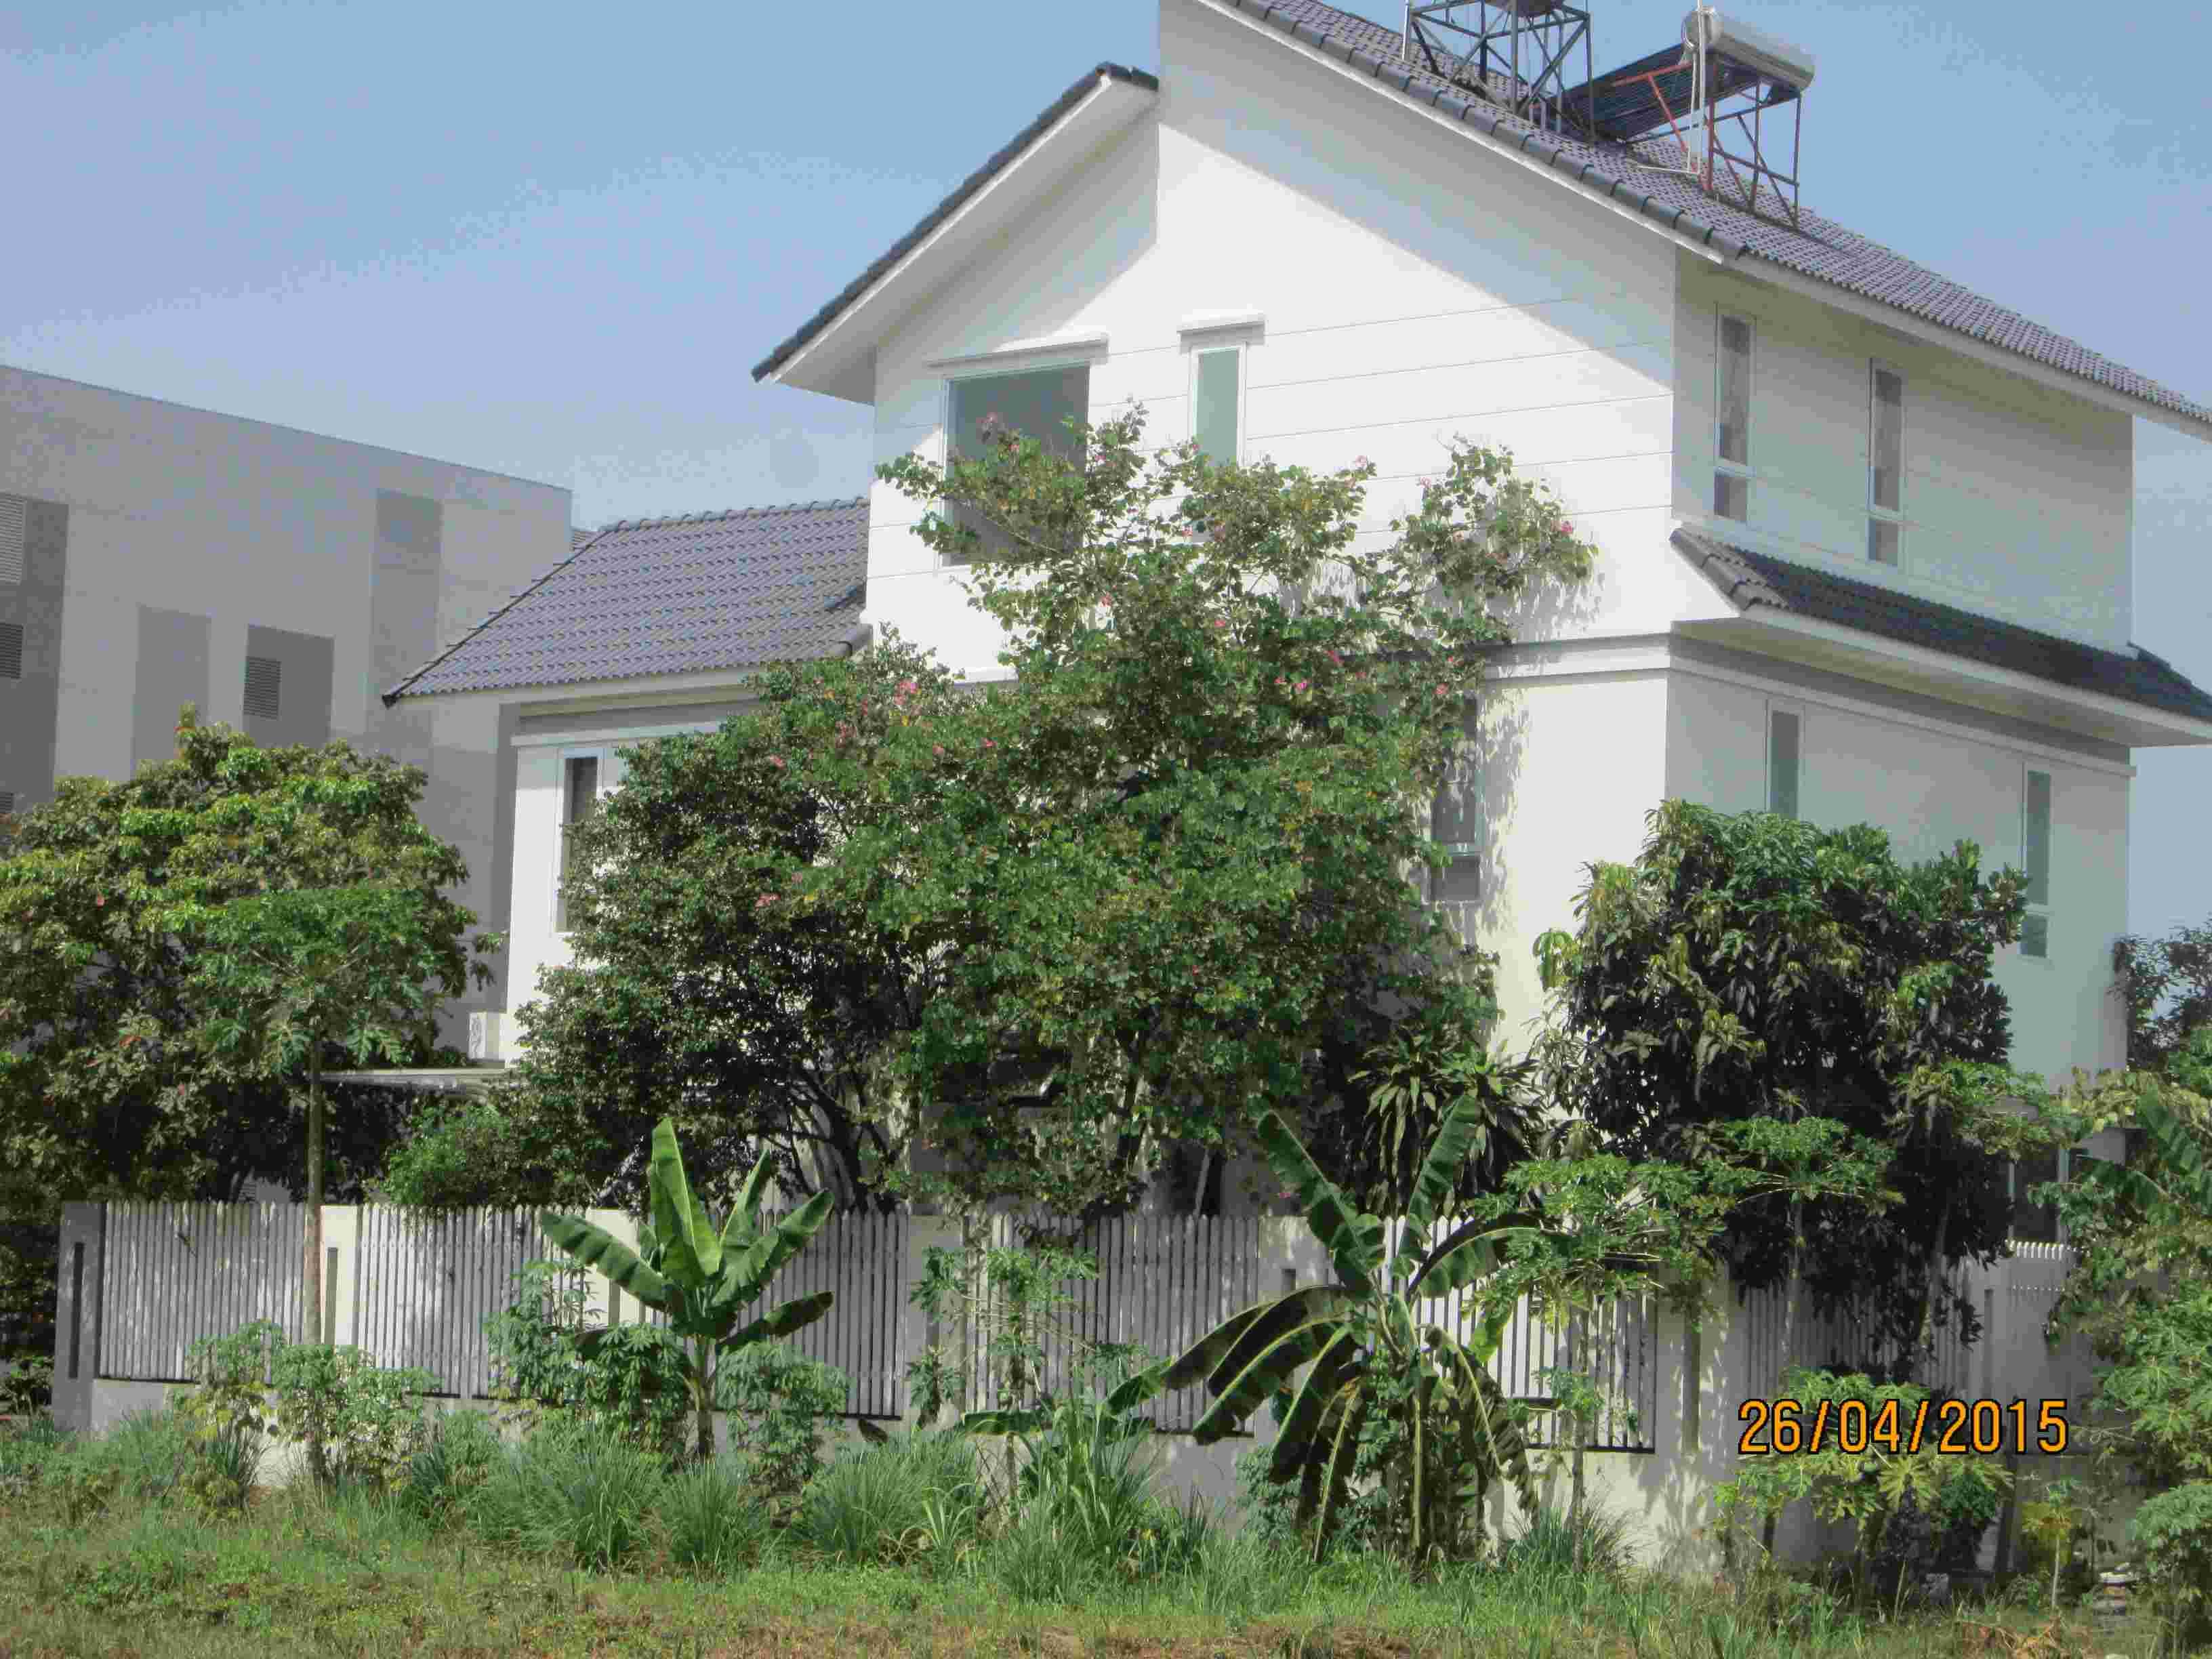 Bán đất biệt thự dự án Sadeco Nghỉ Ngơi Giải Trí, quận 7, nền A15, 237m2, giá 105 triêu/m2